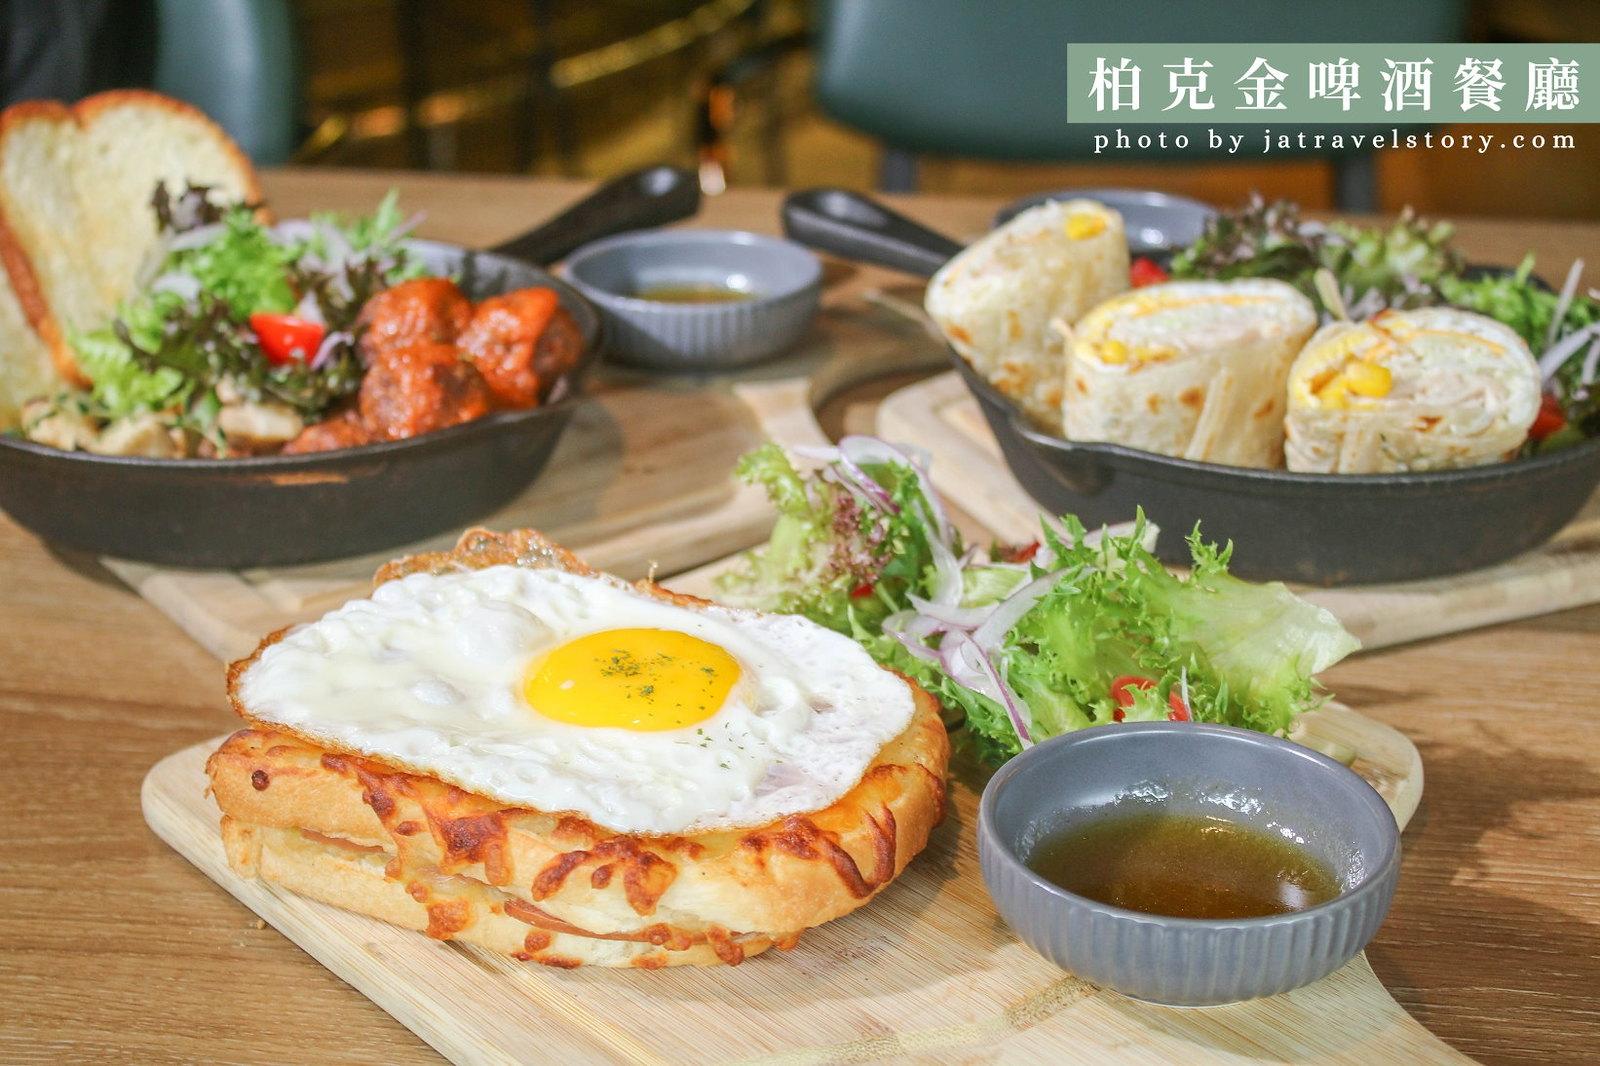 最新推播訊息:明天早餐來吃瑞典肉丸和庫克太太三明治吧